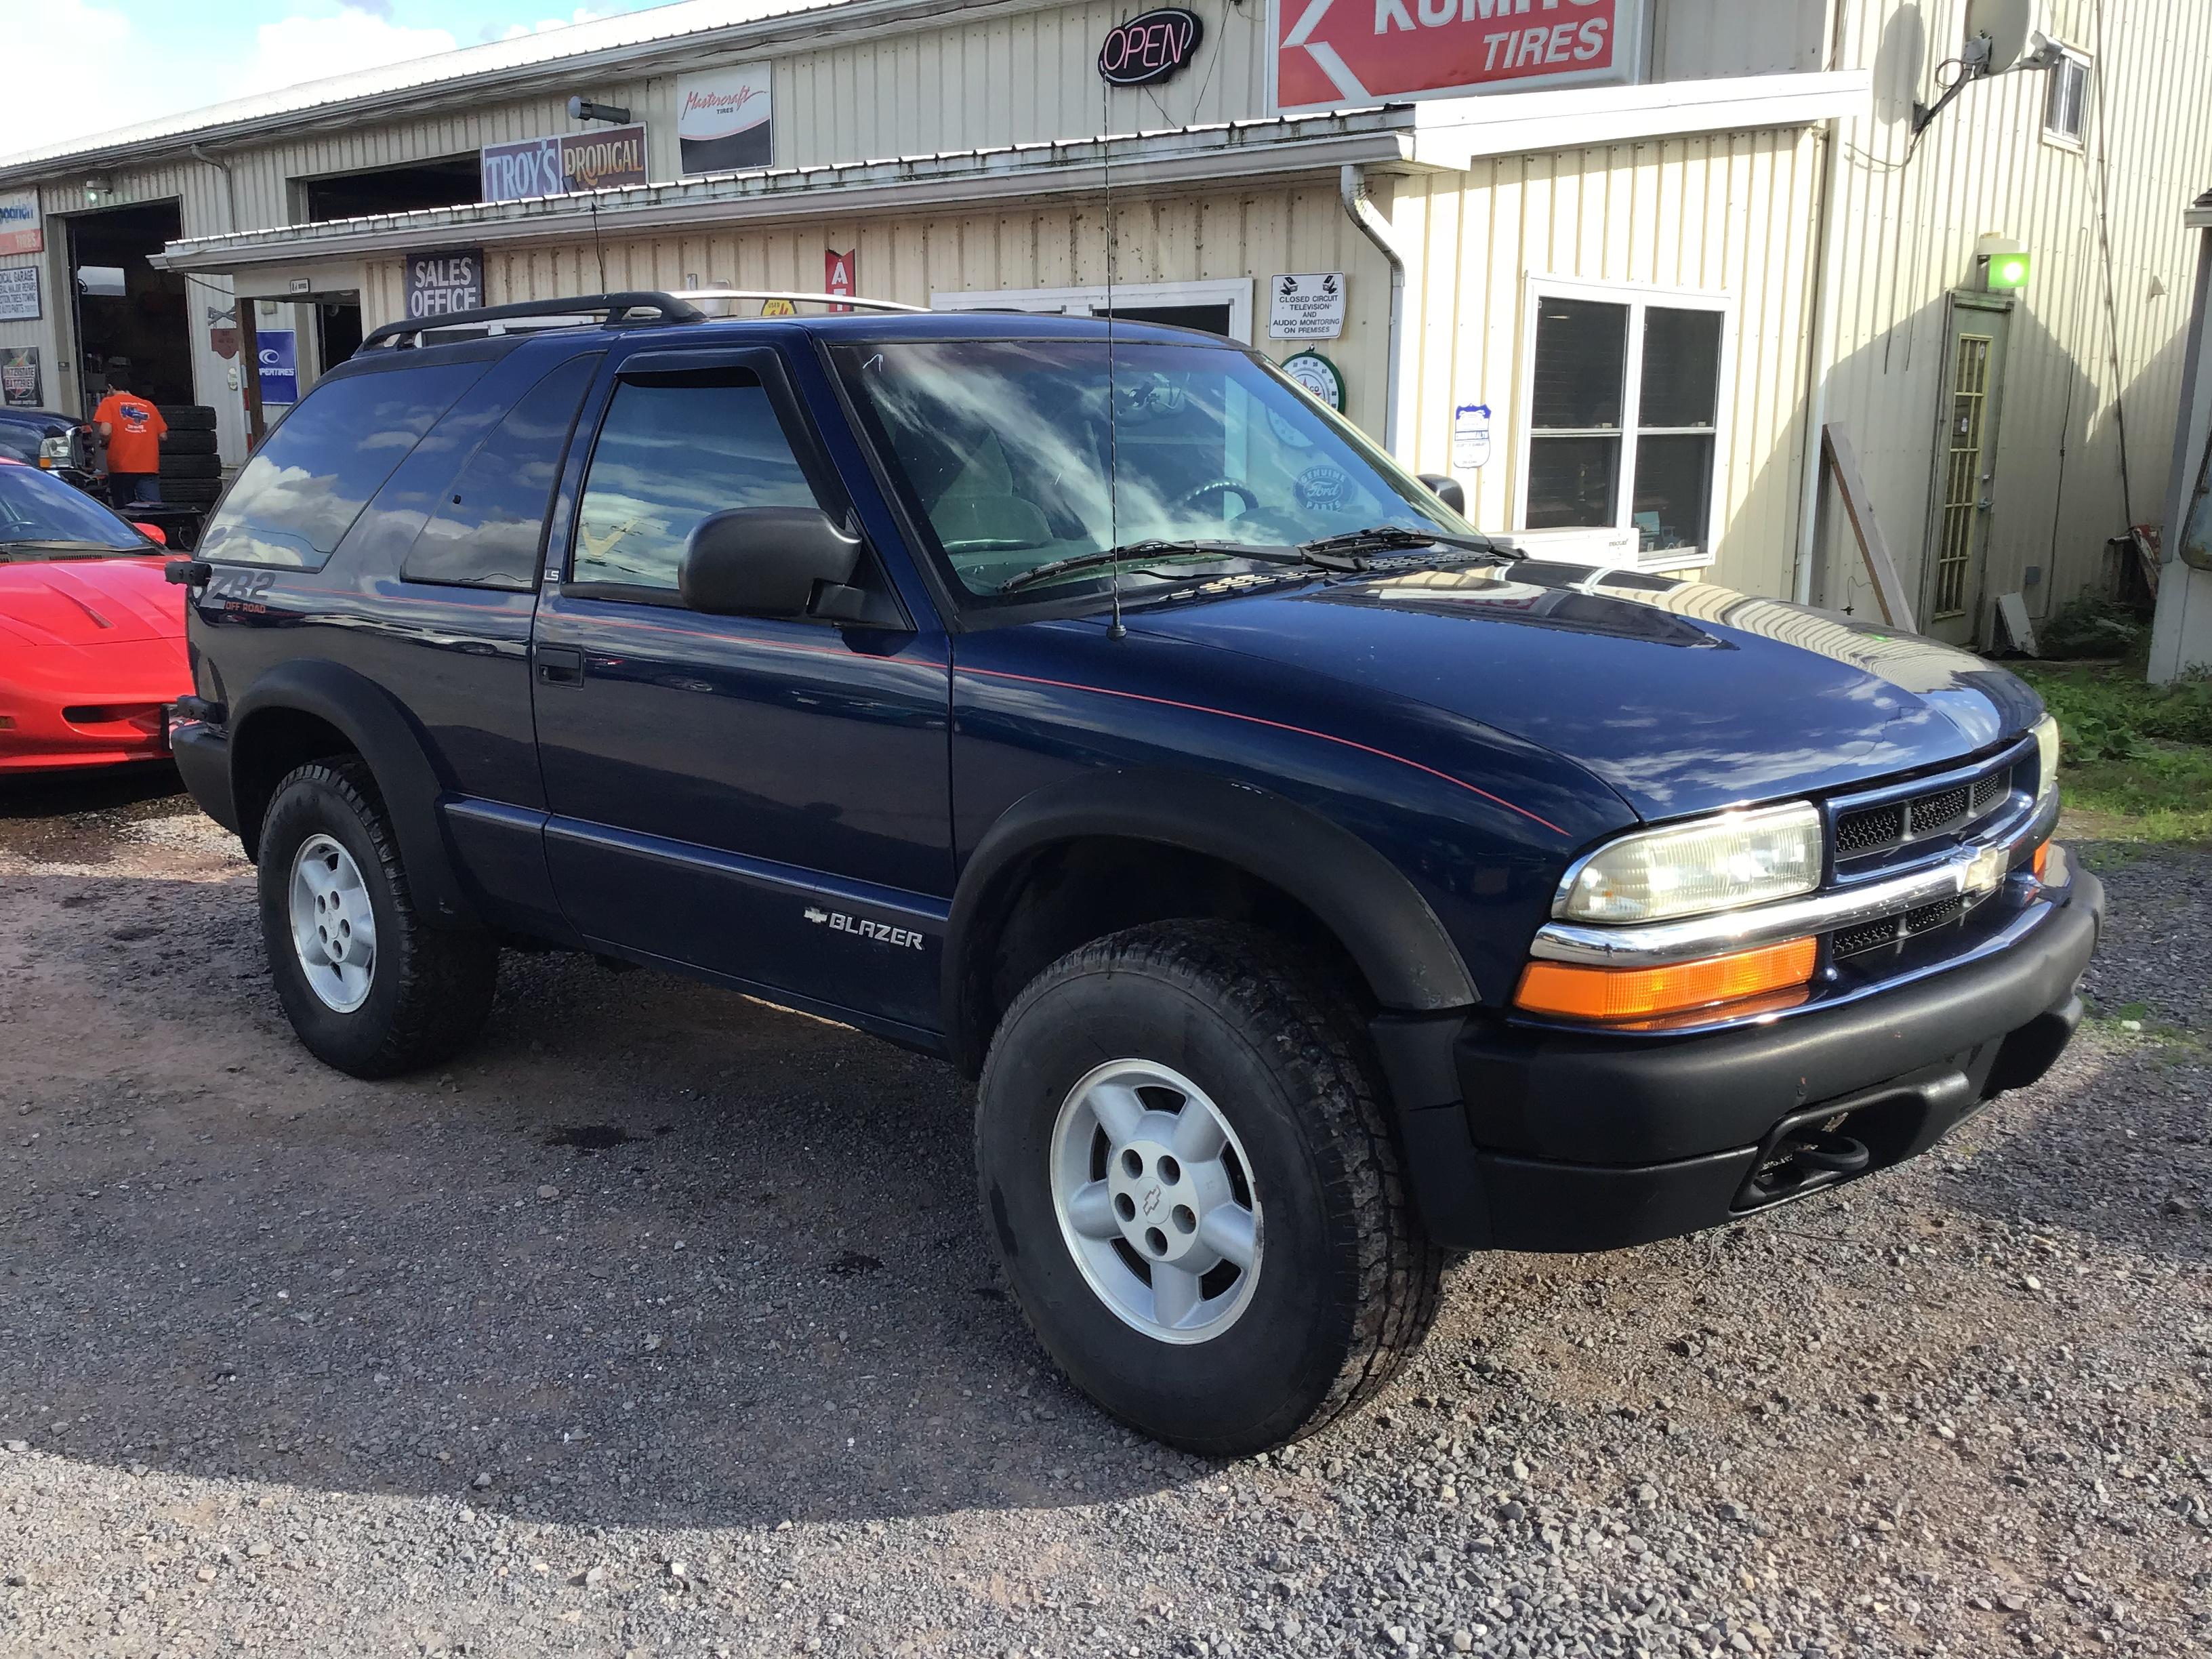 1999 Chevy Blazer M646 Troy S Auto Sales Inc